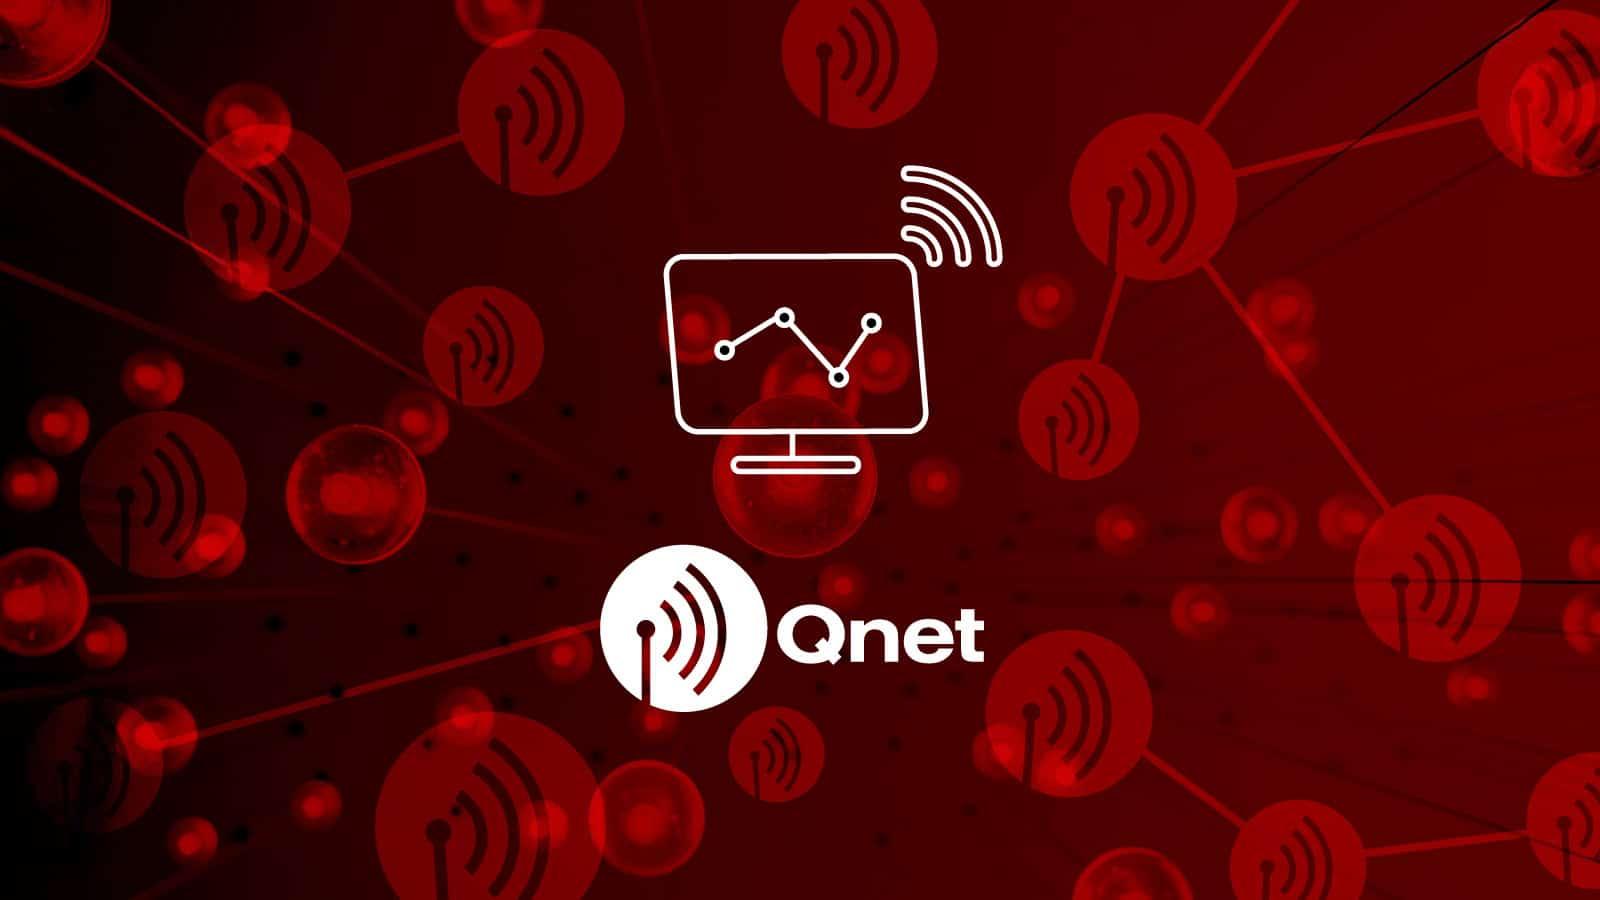 Logo Qnetu na červeném pozadí ukazující optické vlákno